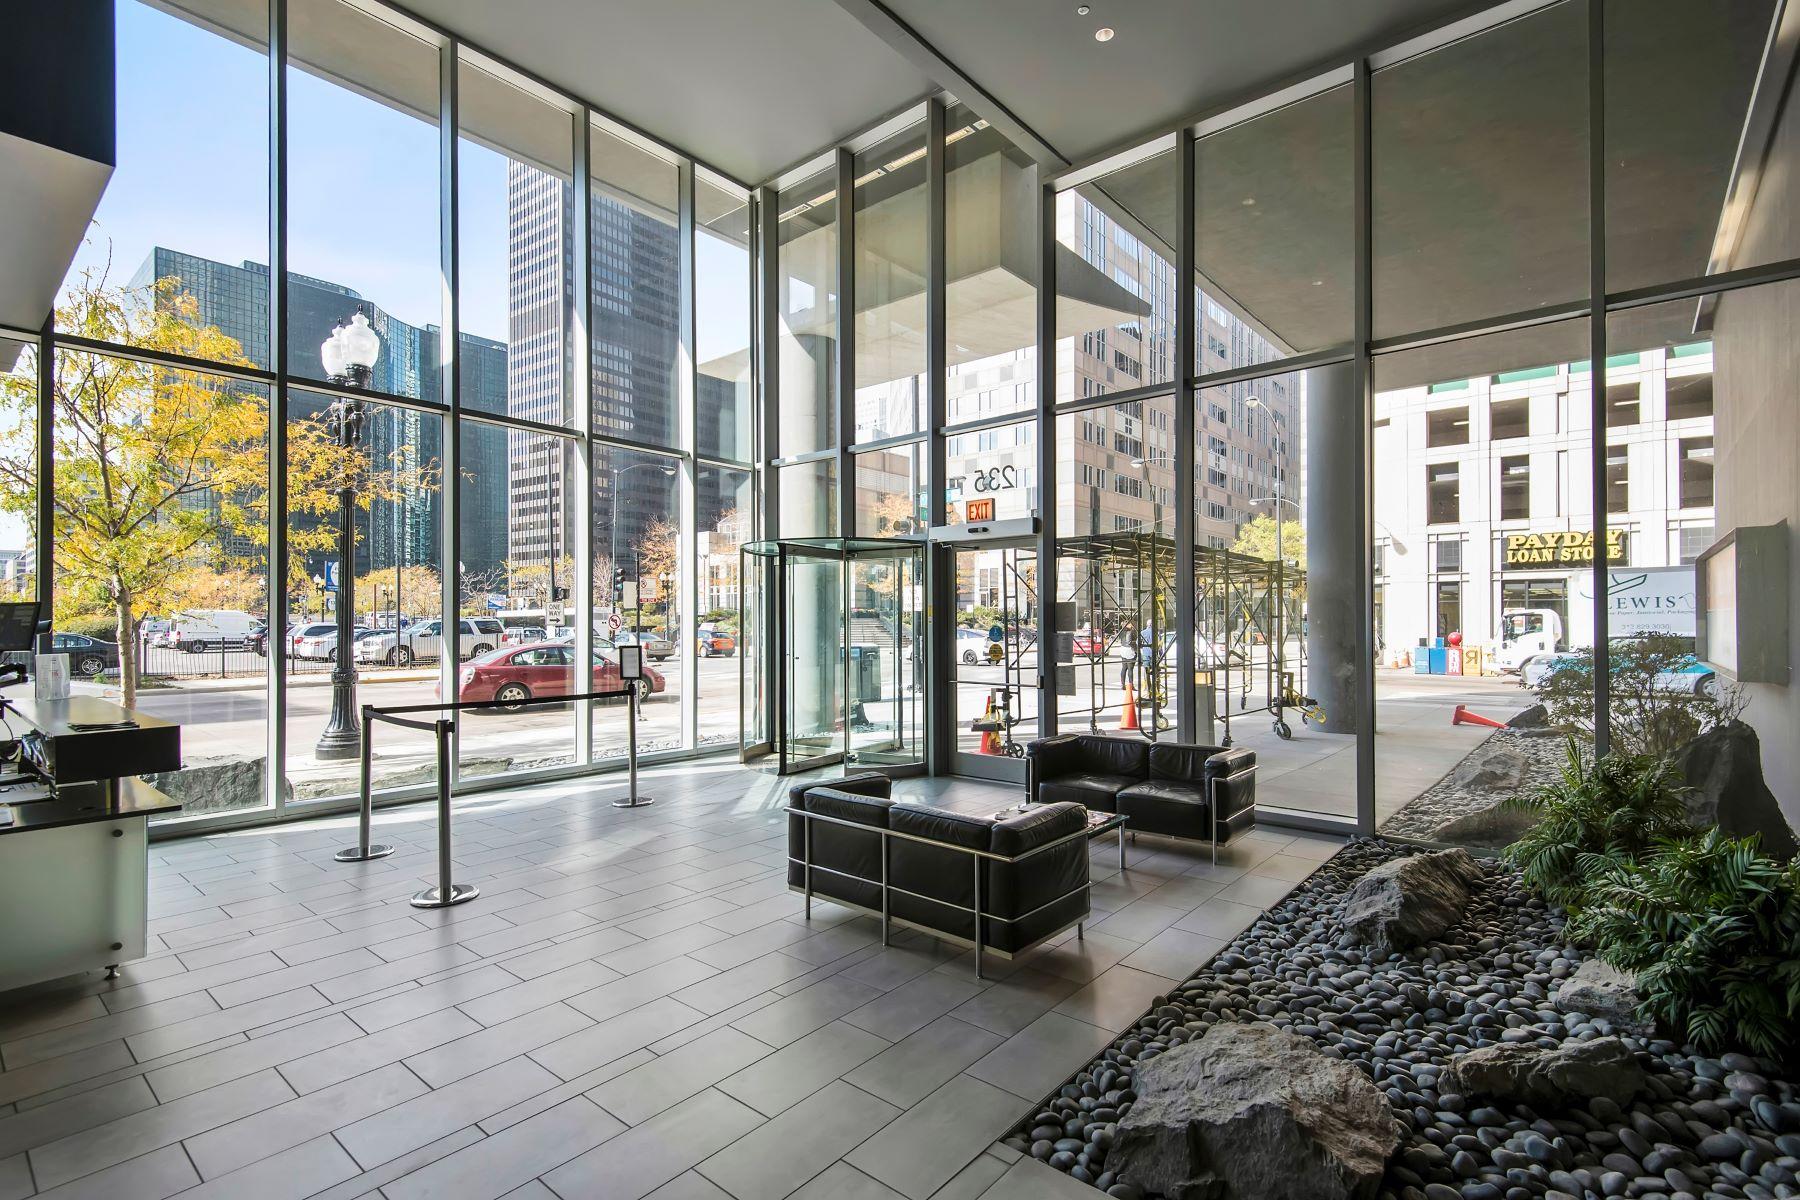 Кондоминиум для того Продажа на RARELY AVAILABLE NORTH-FACING PENTHOUSE 235 W Van Buren Street Unit 4513, Loop, Chicago, Иллинойс, 60607 Соединенные Штаты